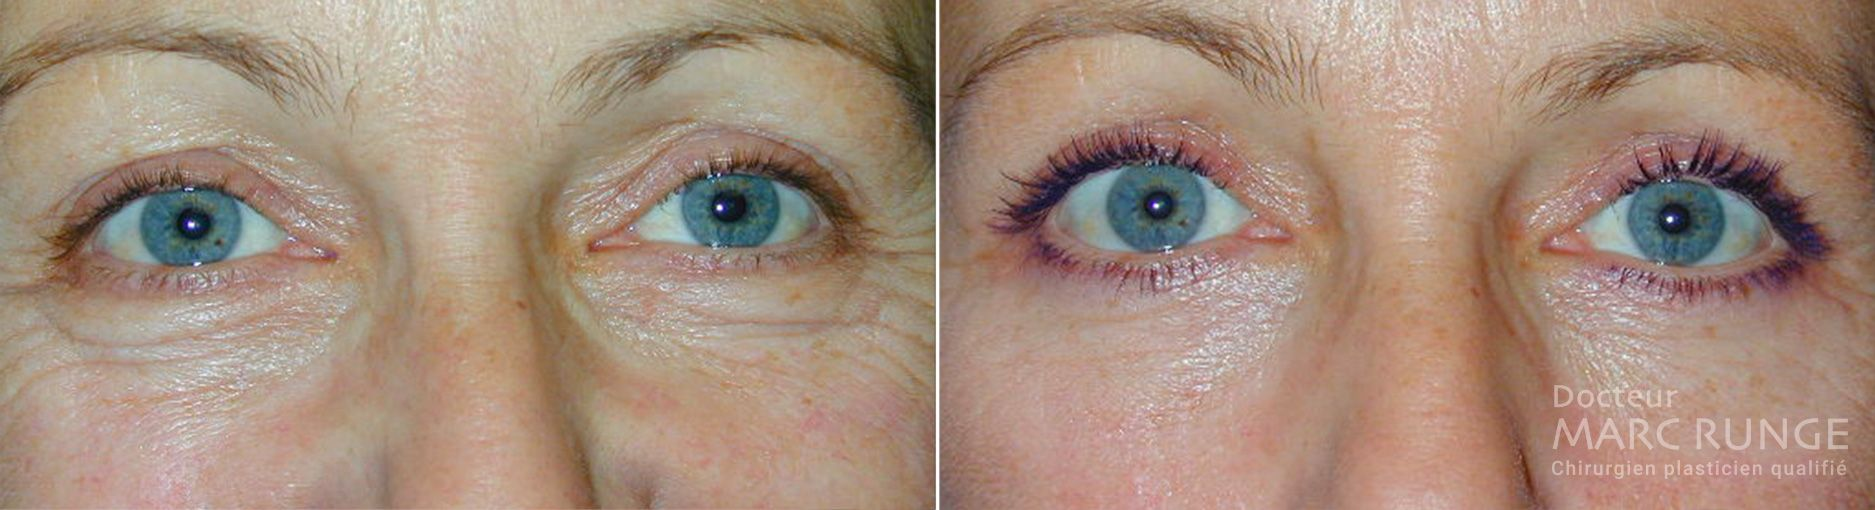 Photo de la paupière inférieure avant et après la blépharoplastie réalisée à Paris par Dr Runge, médecin et chirurgien esthétique à Paris et Beauvais (Oise)